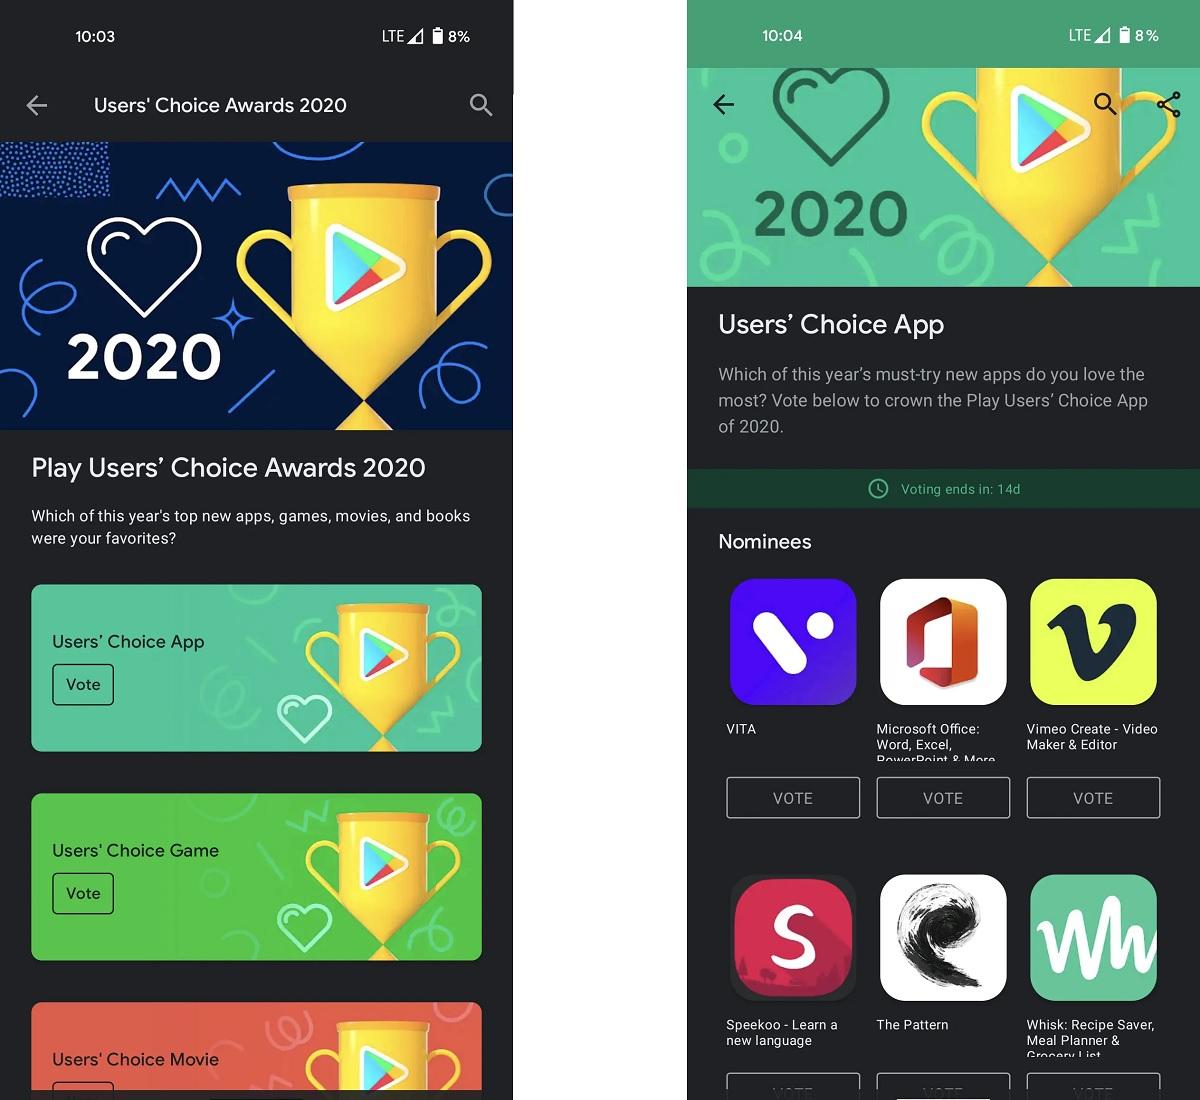 Votar mejores apps y juegos de Google en el 2020